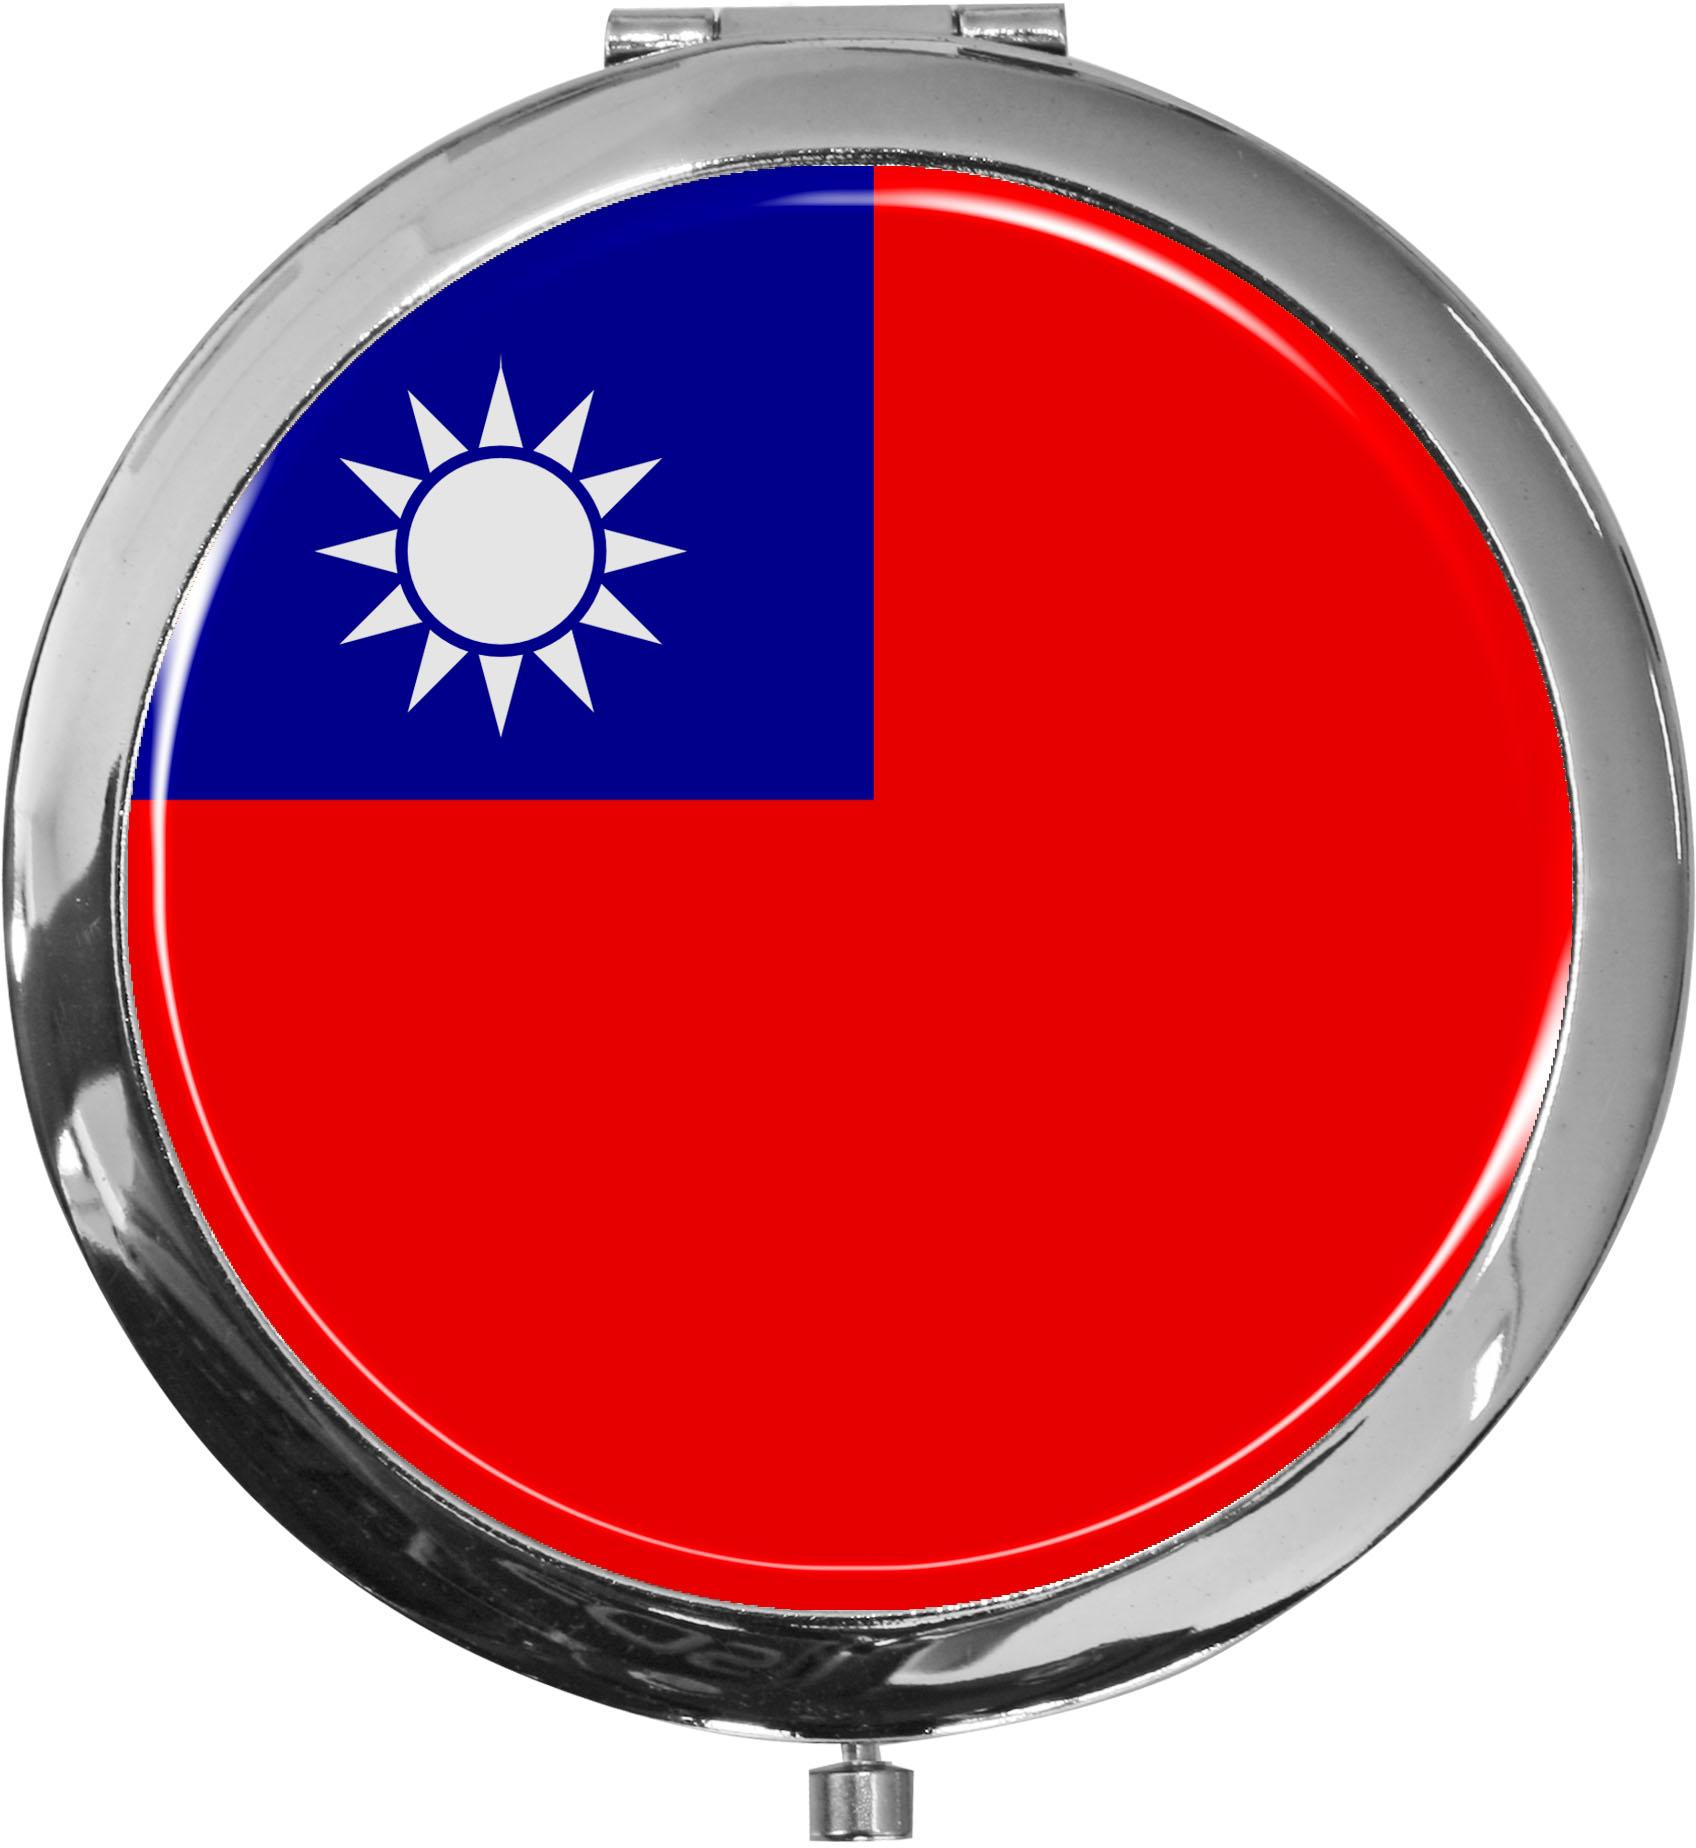 Taschenspiegel / Spiegel / Flagge Taiwan / 2 fache Vergrößerung